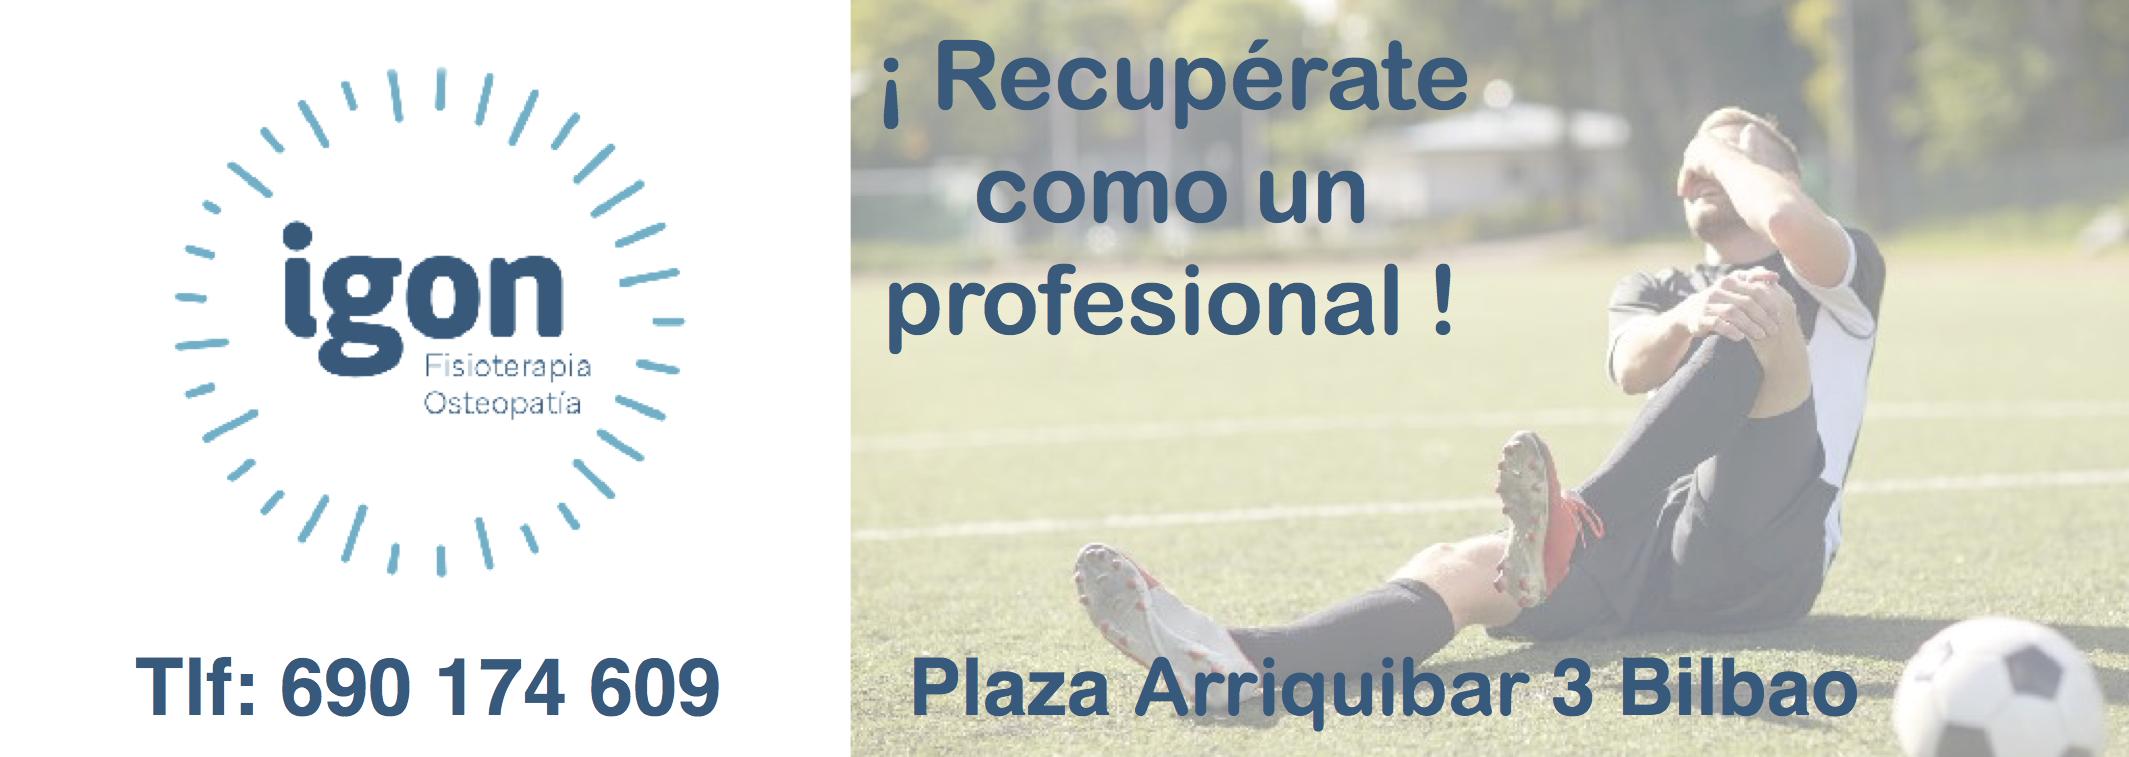 Calendario 2020 Bizkaia.Futbol Rapido Bizkaia Inicio